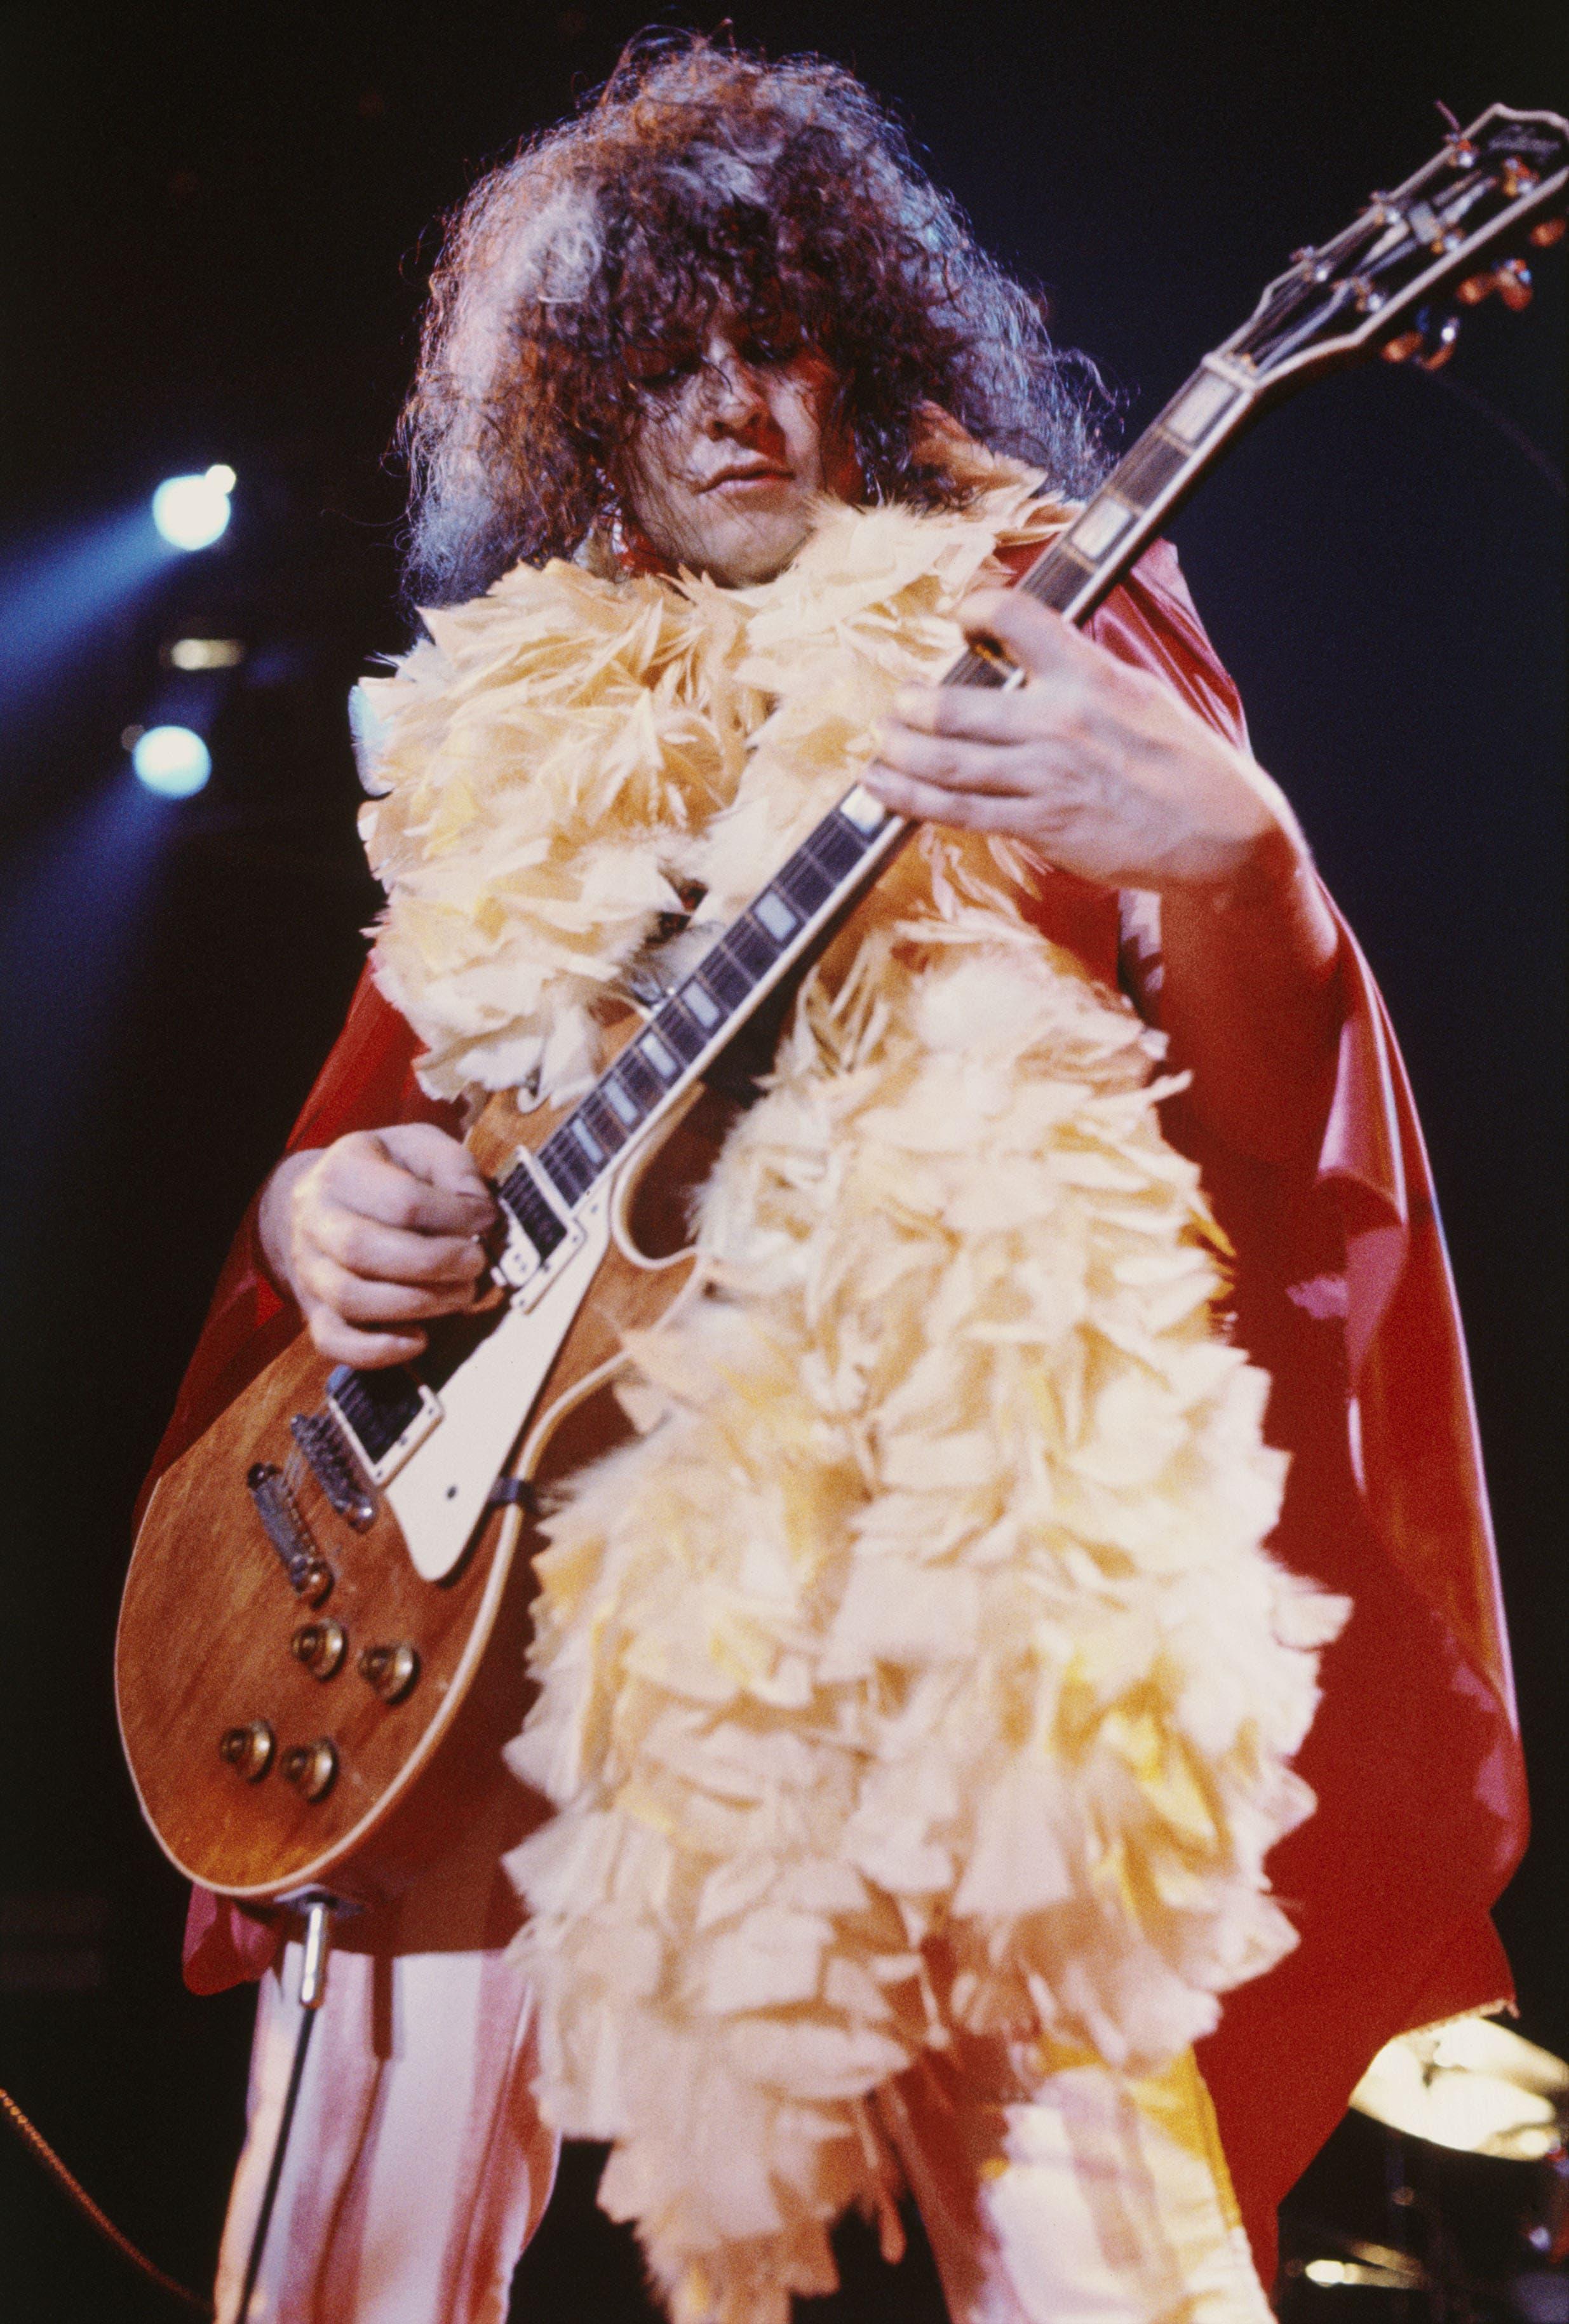 Marc BolanDer Frontmann von T. Rex war der erste und der letzte Star des Glamrock. 1977, zwei Wochen vor seinem 30. Geburtstag, starb er bei einem Autounfall. Mit ihm wurde auch der Glamrock begraben.